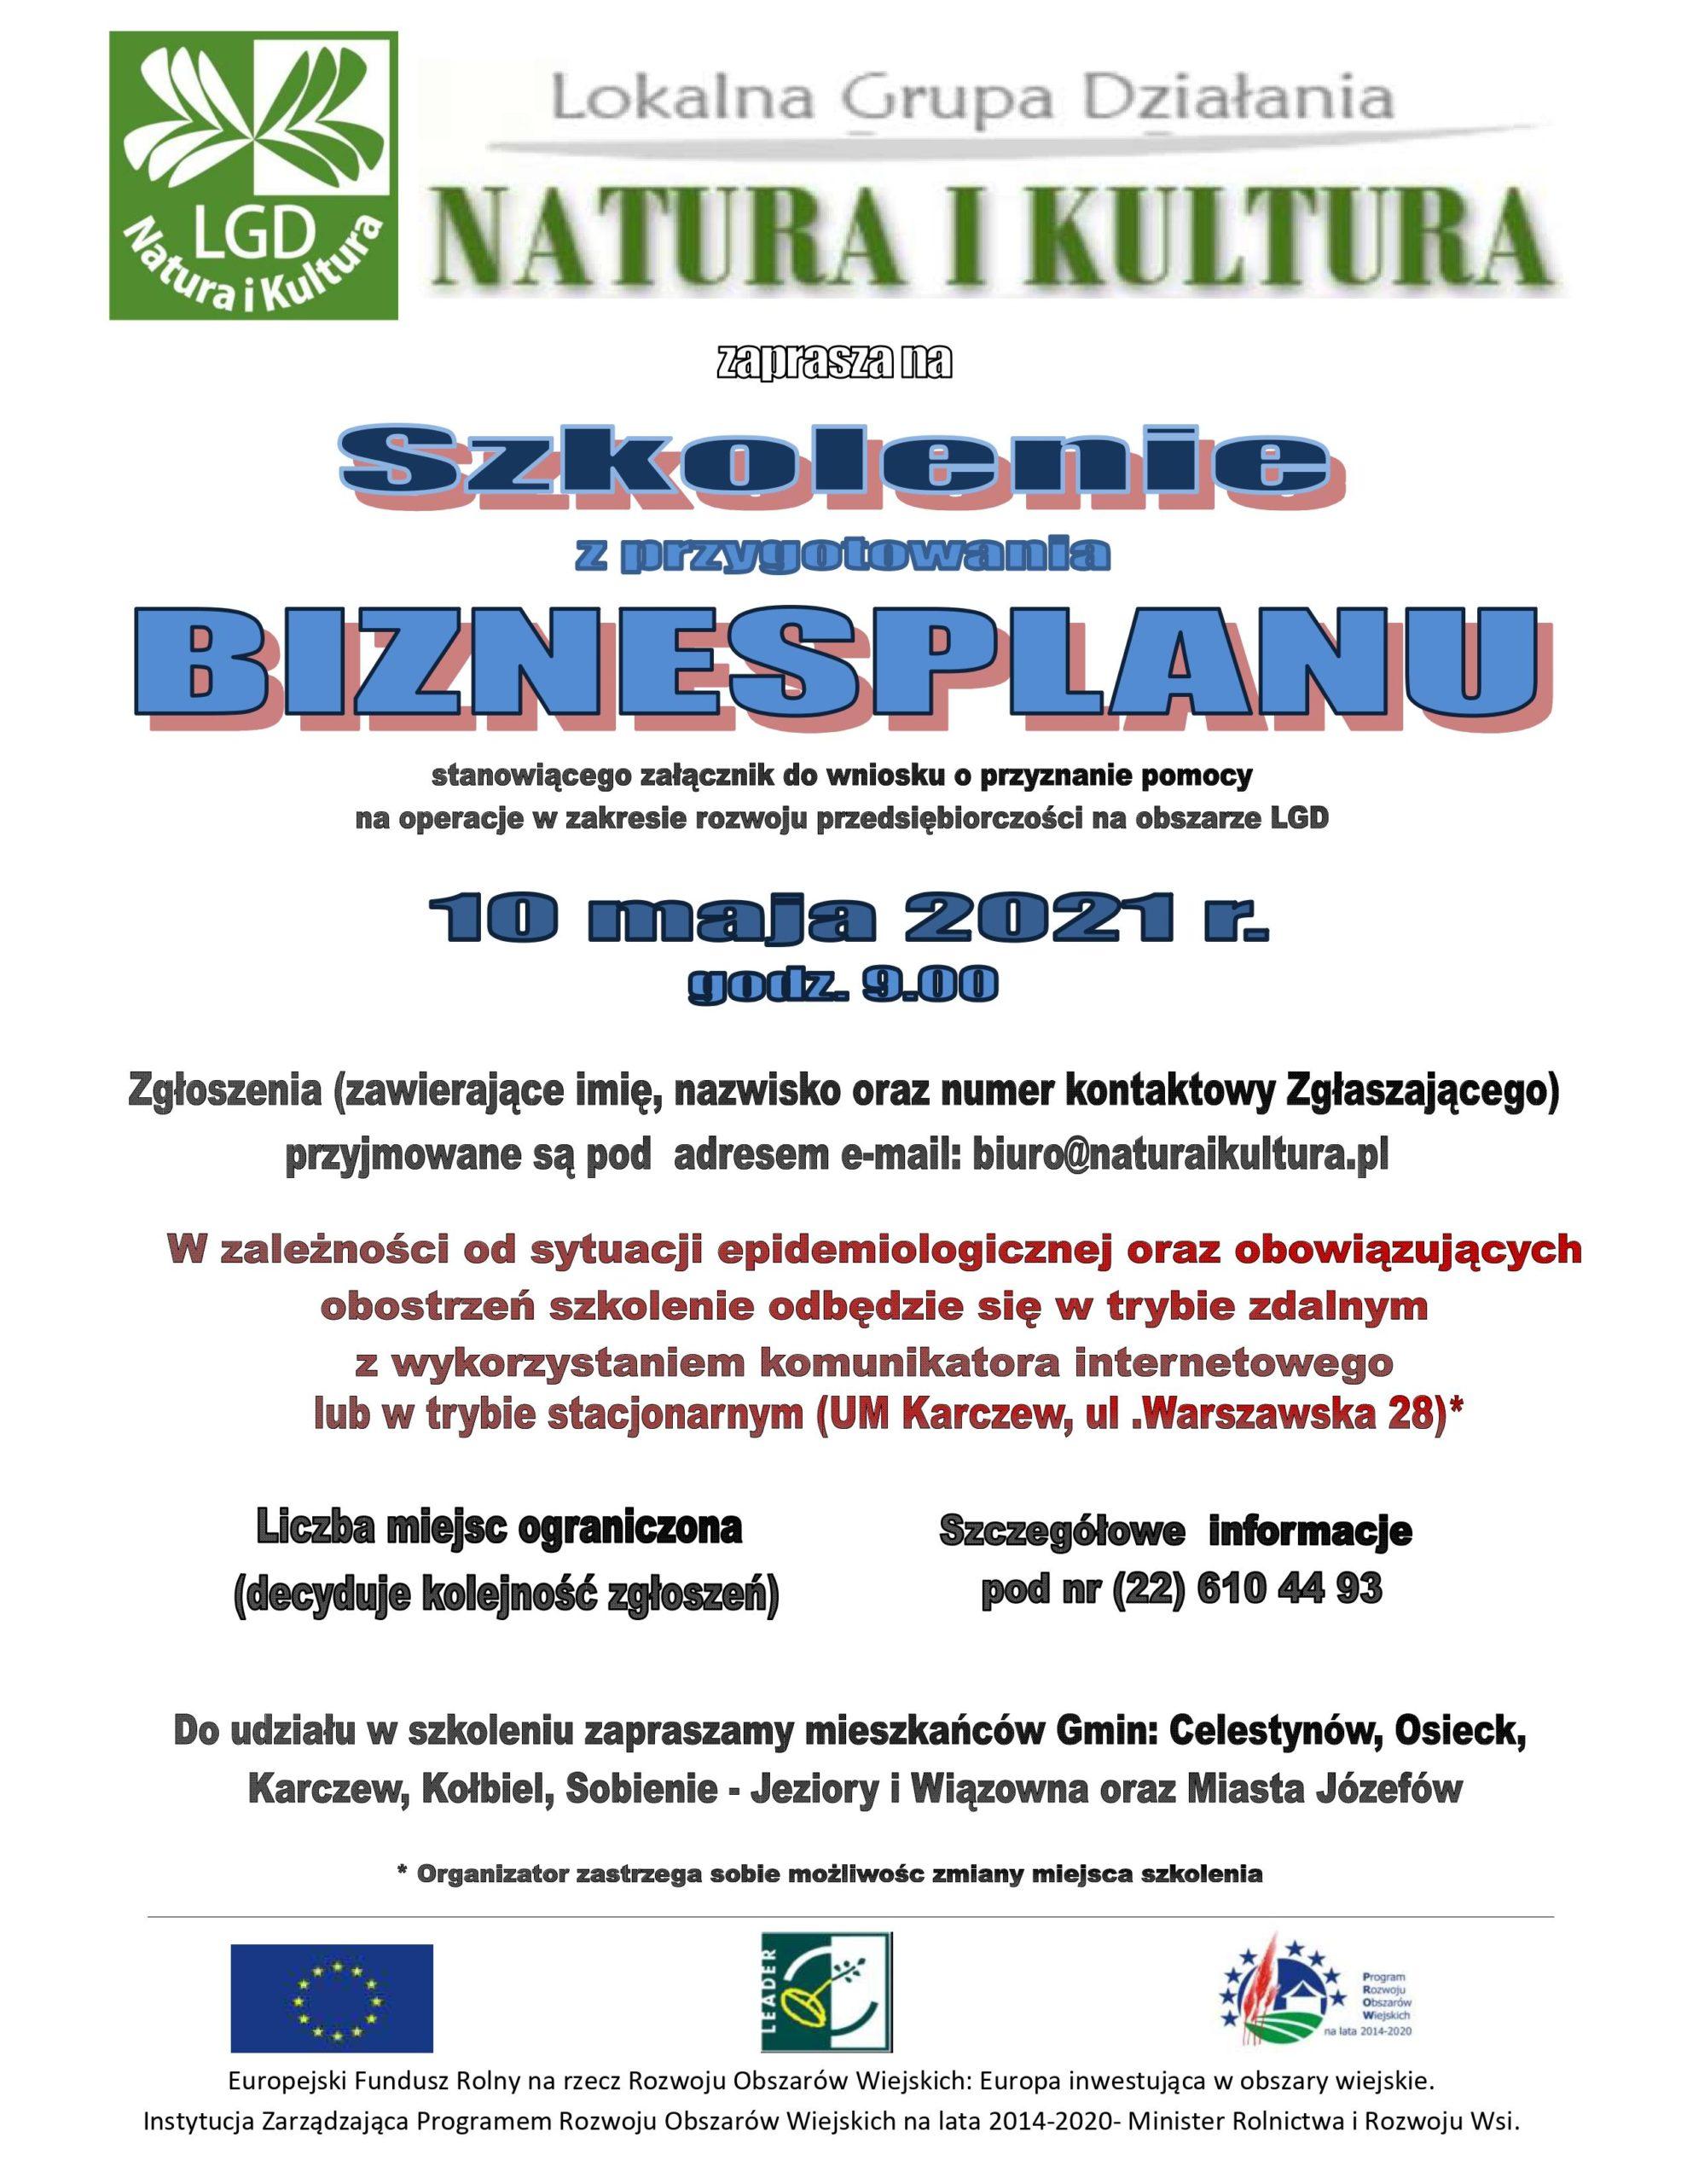 Plakat LGD Natura i Kultura informujący o darmowym szkoleniu z pisania biznesplanu 10 maja.